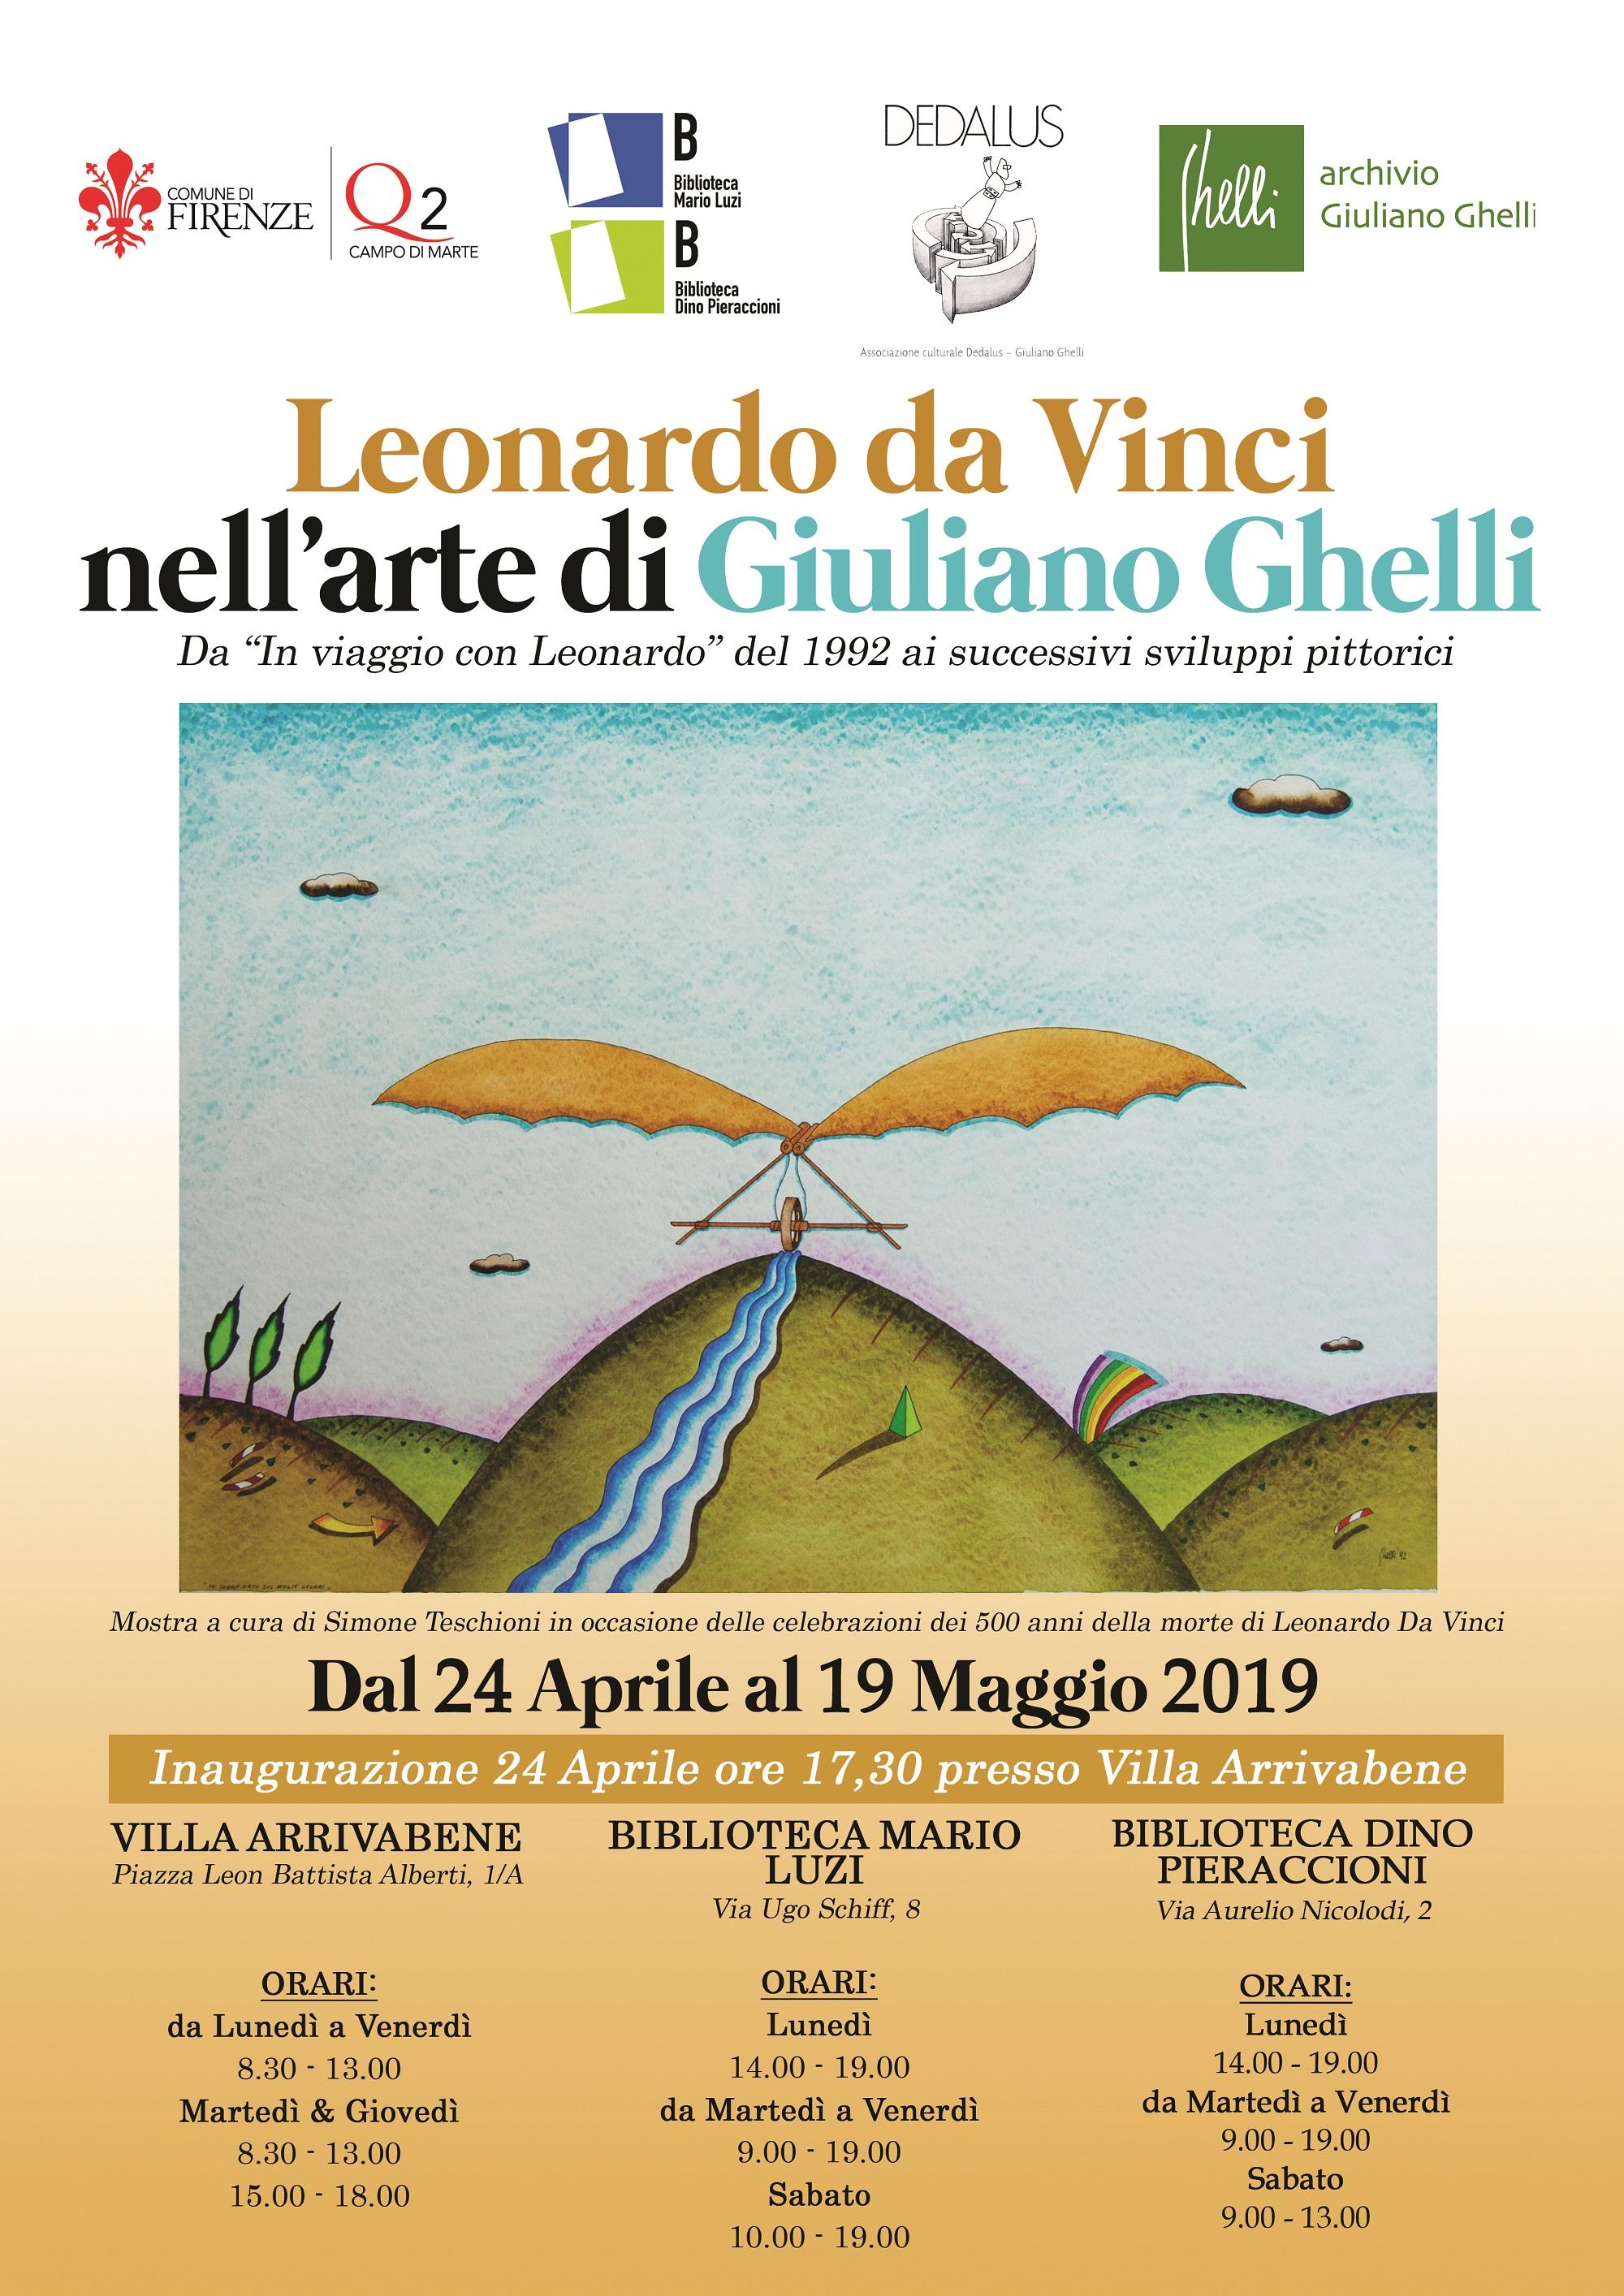 Giuliano Ghelli